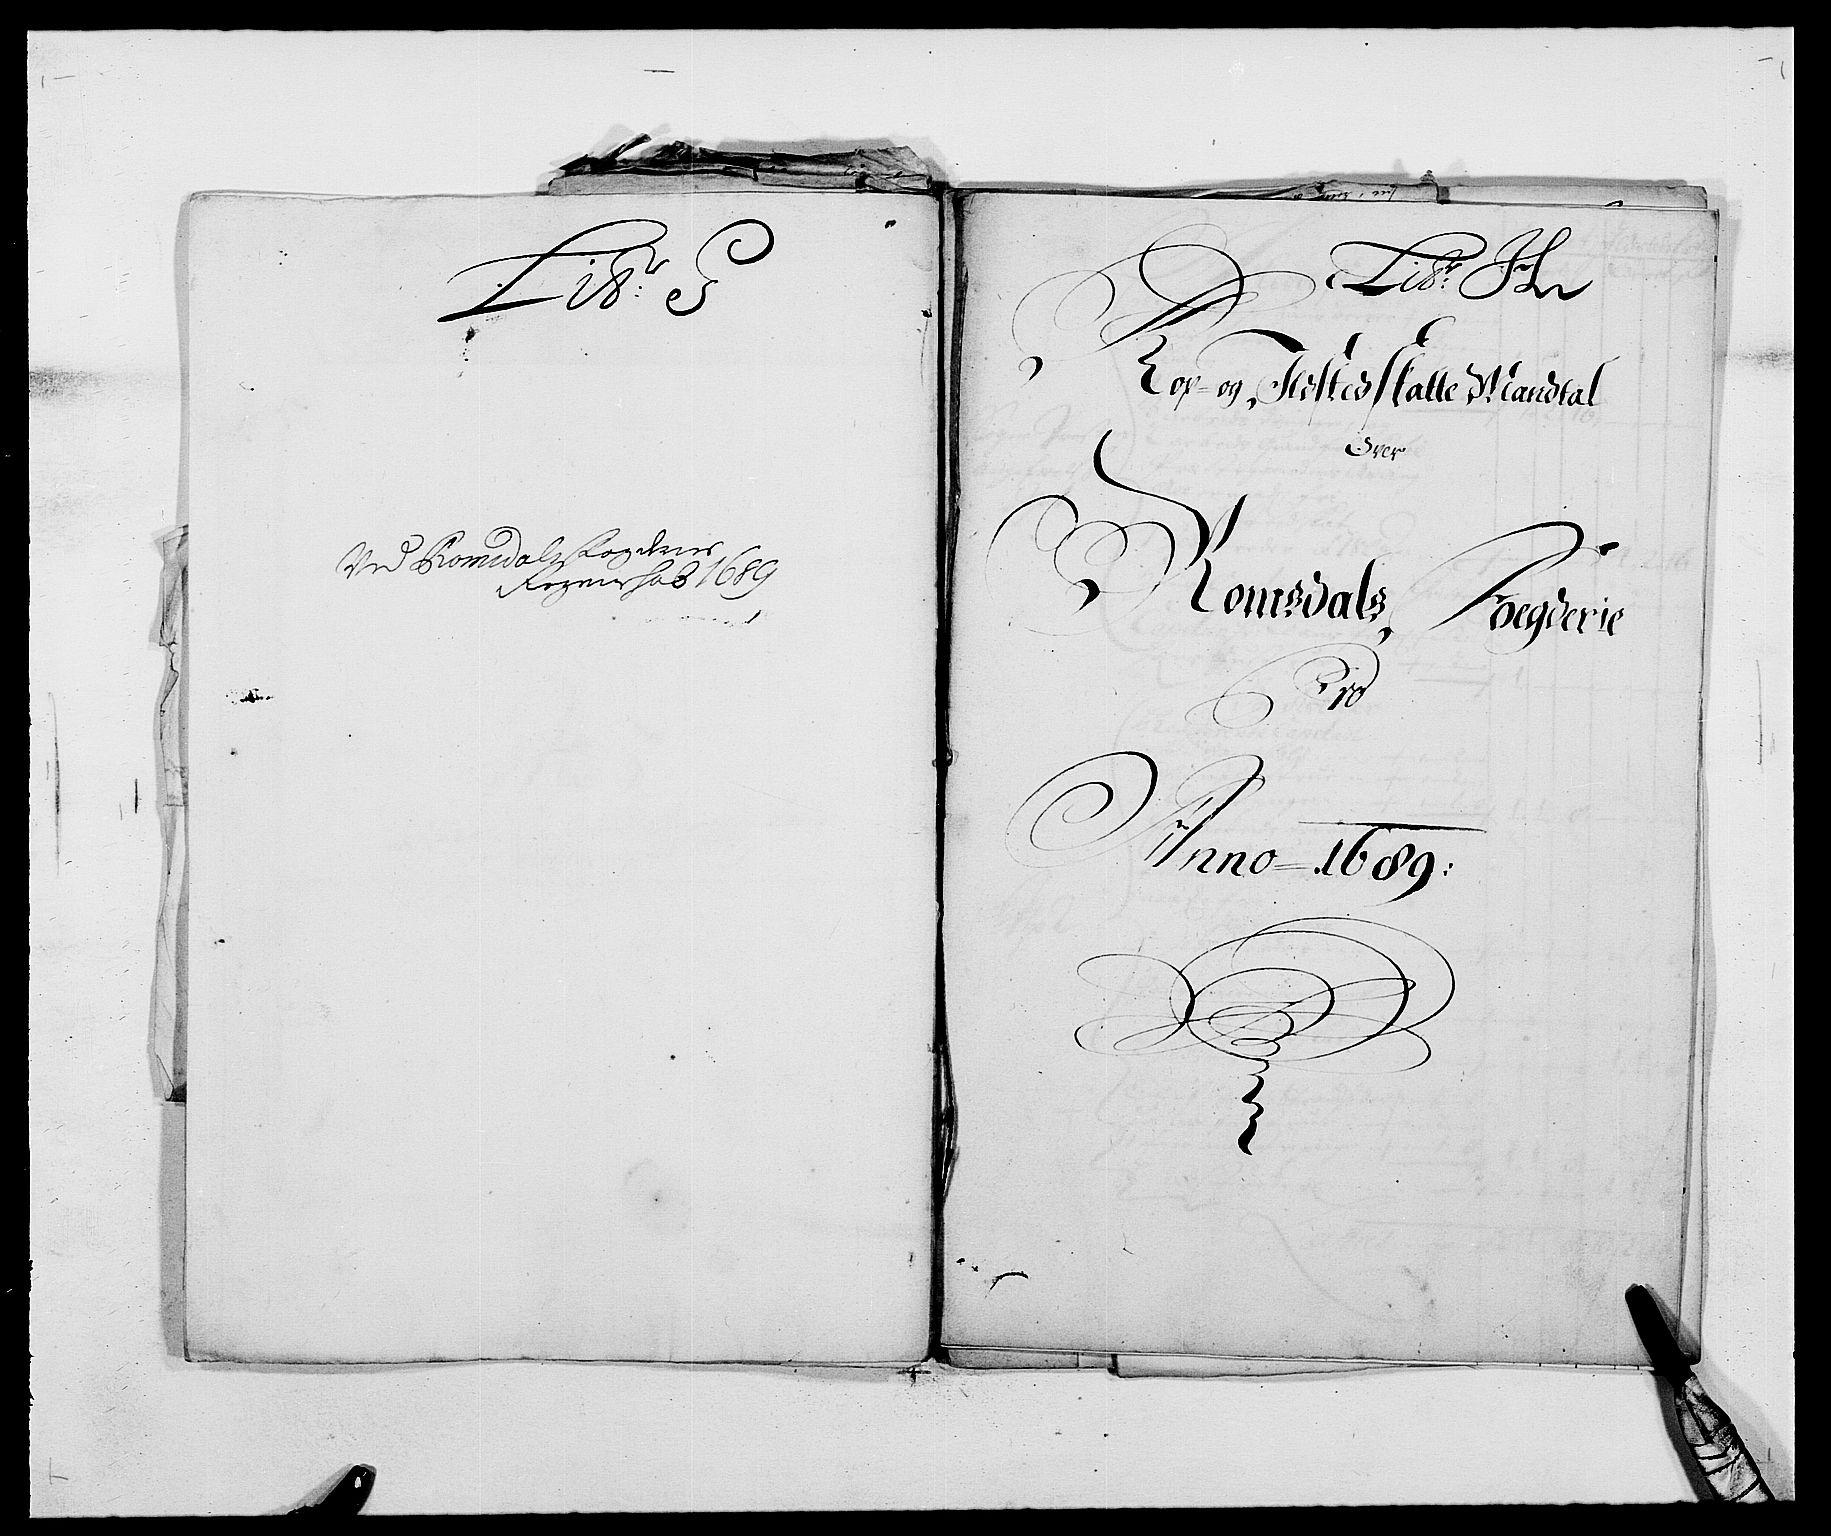 RA, Rentekammeret inntil 1814, Reviderte regnskaper, Fogderegnskap, R55/L3648: Fogderegnskap Romsdal, 1687-1689, s. 354